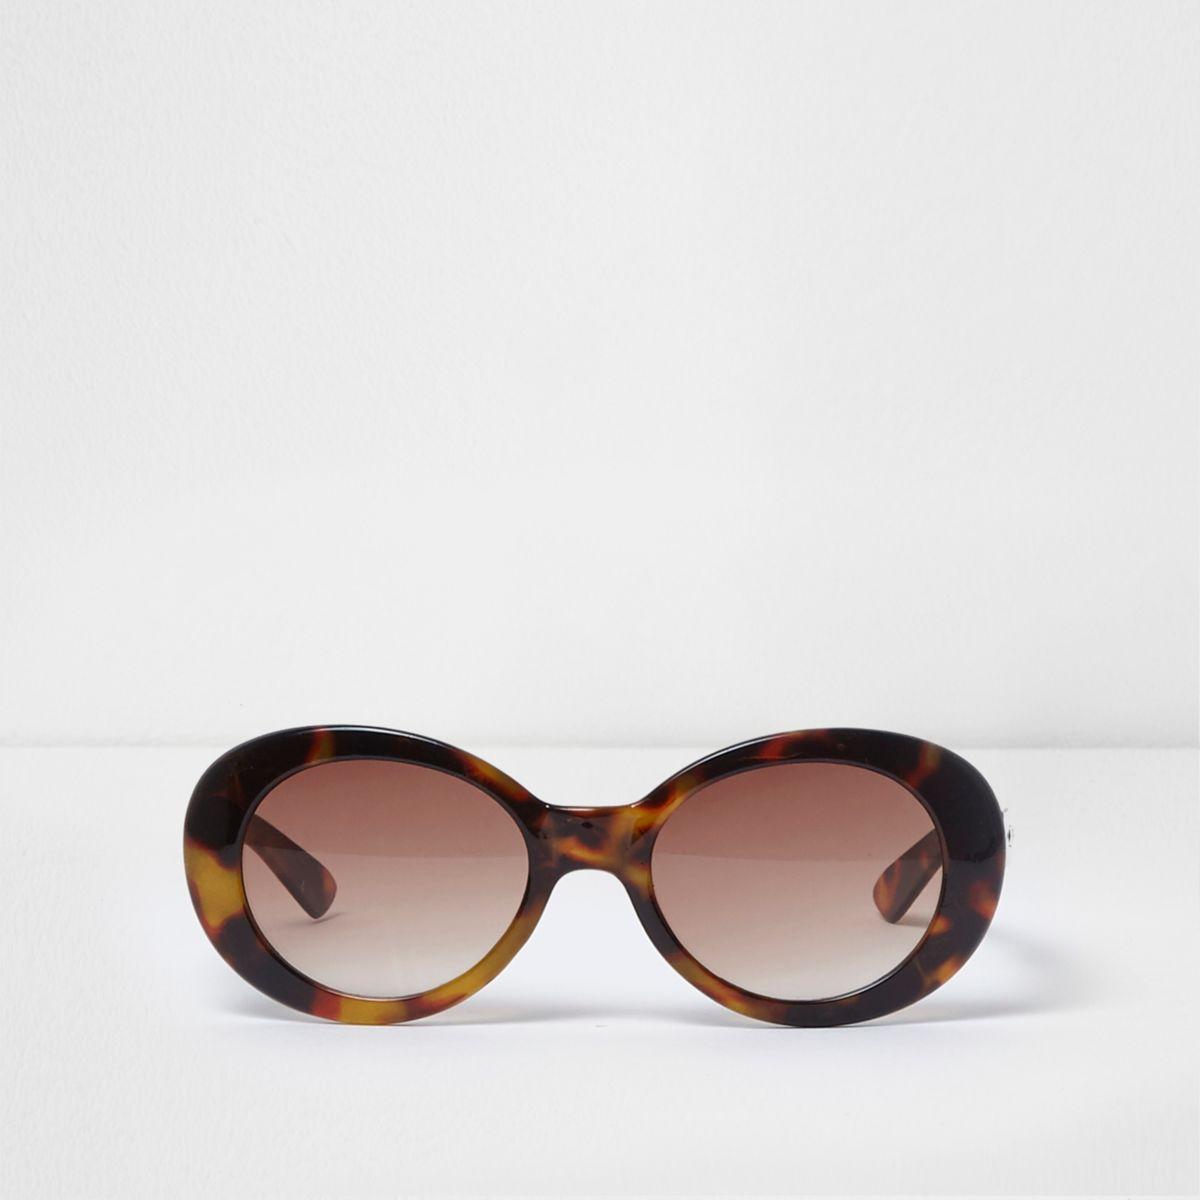 Lunettes de soleil glamour monture écaille de tortue marron pour fille